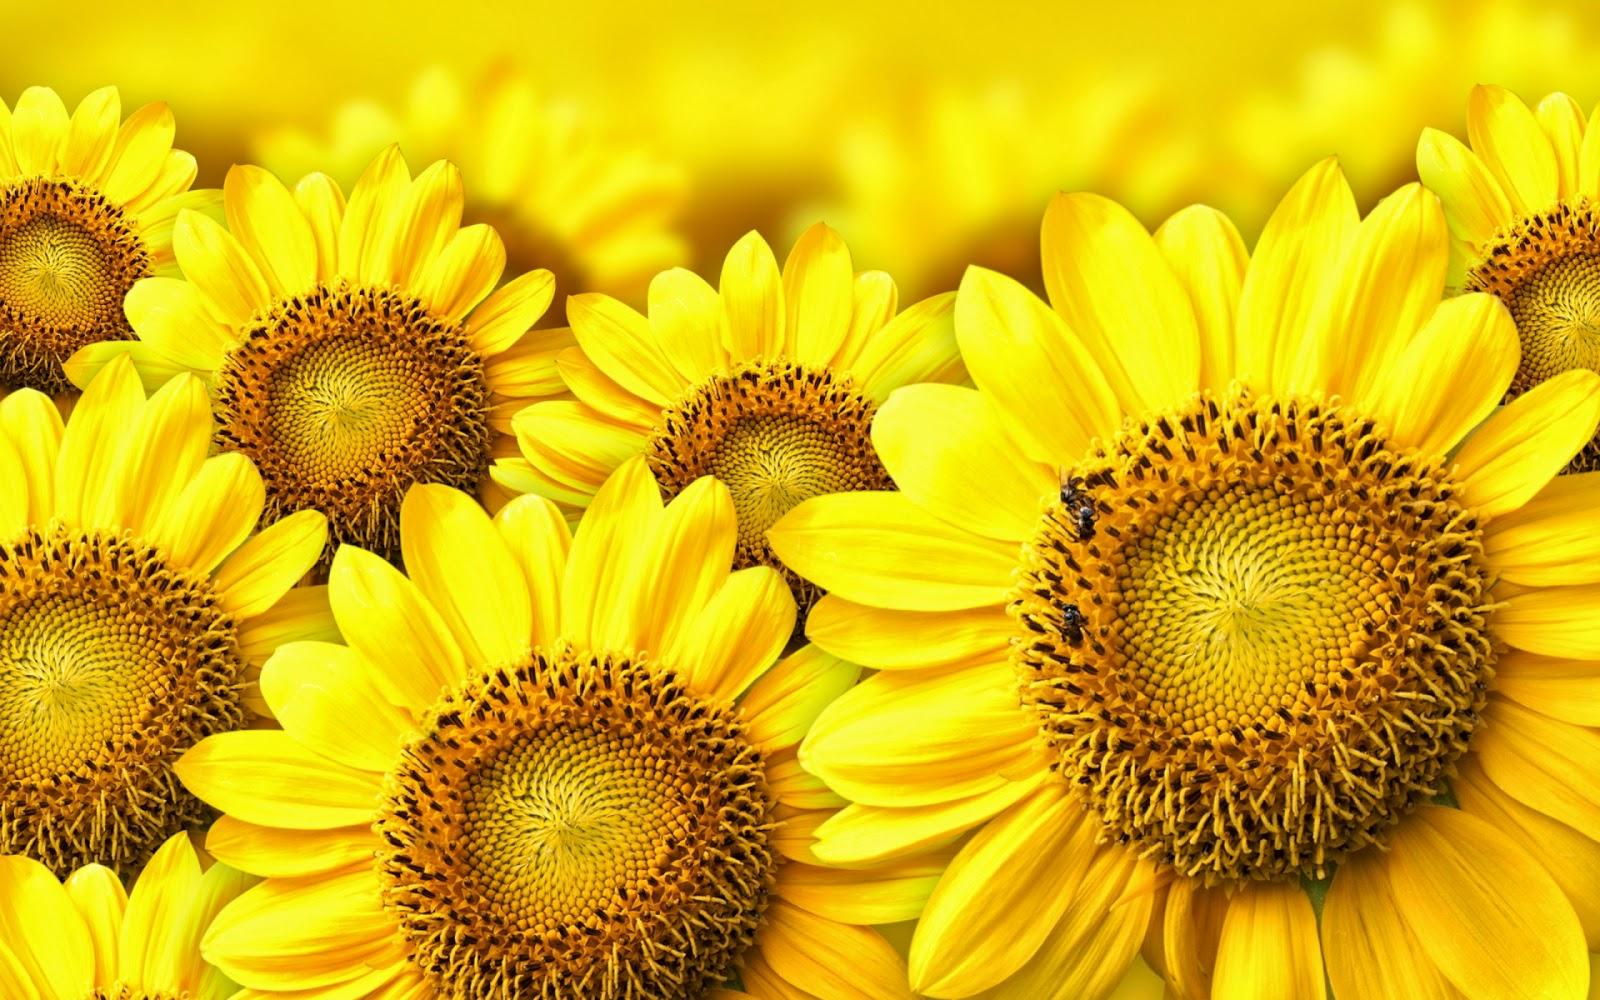 20 Wallpaper Bunga Matahari   Sunflower Yellow Flower Background ...